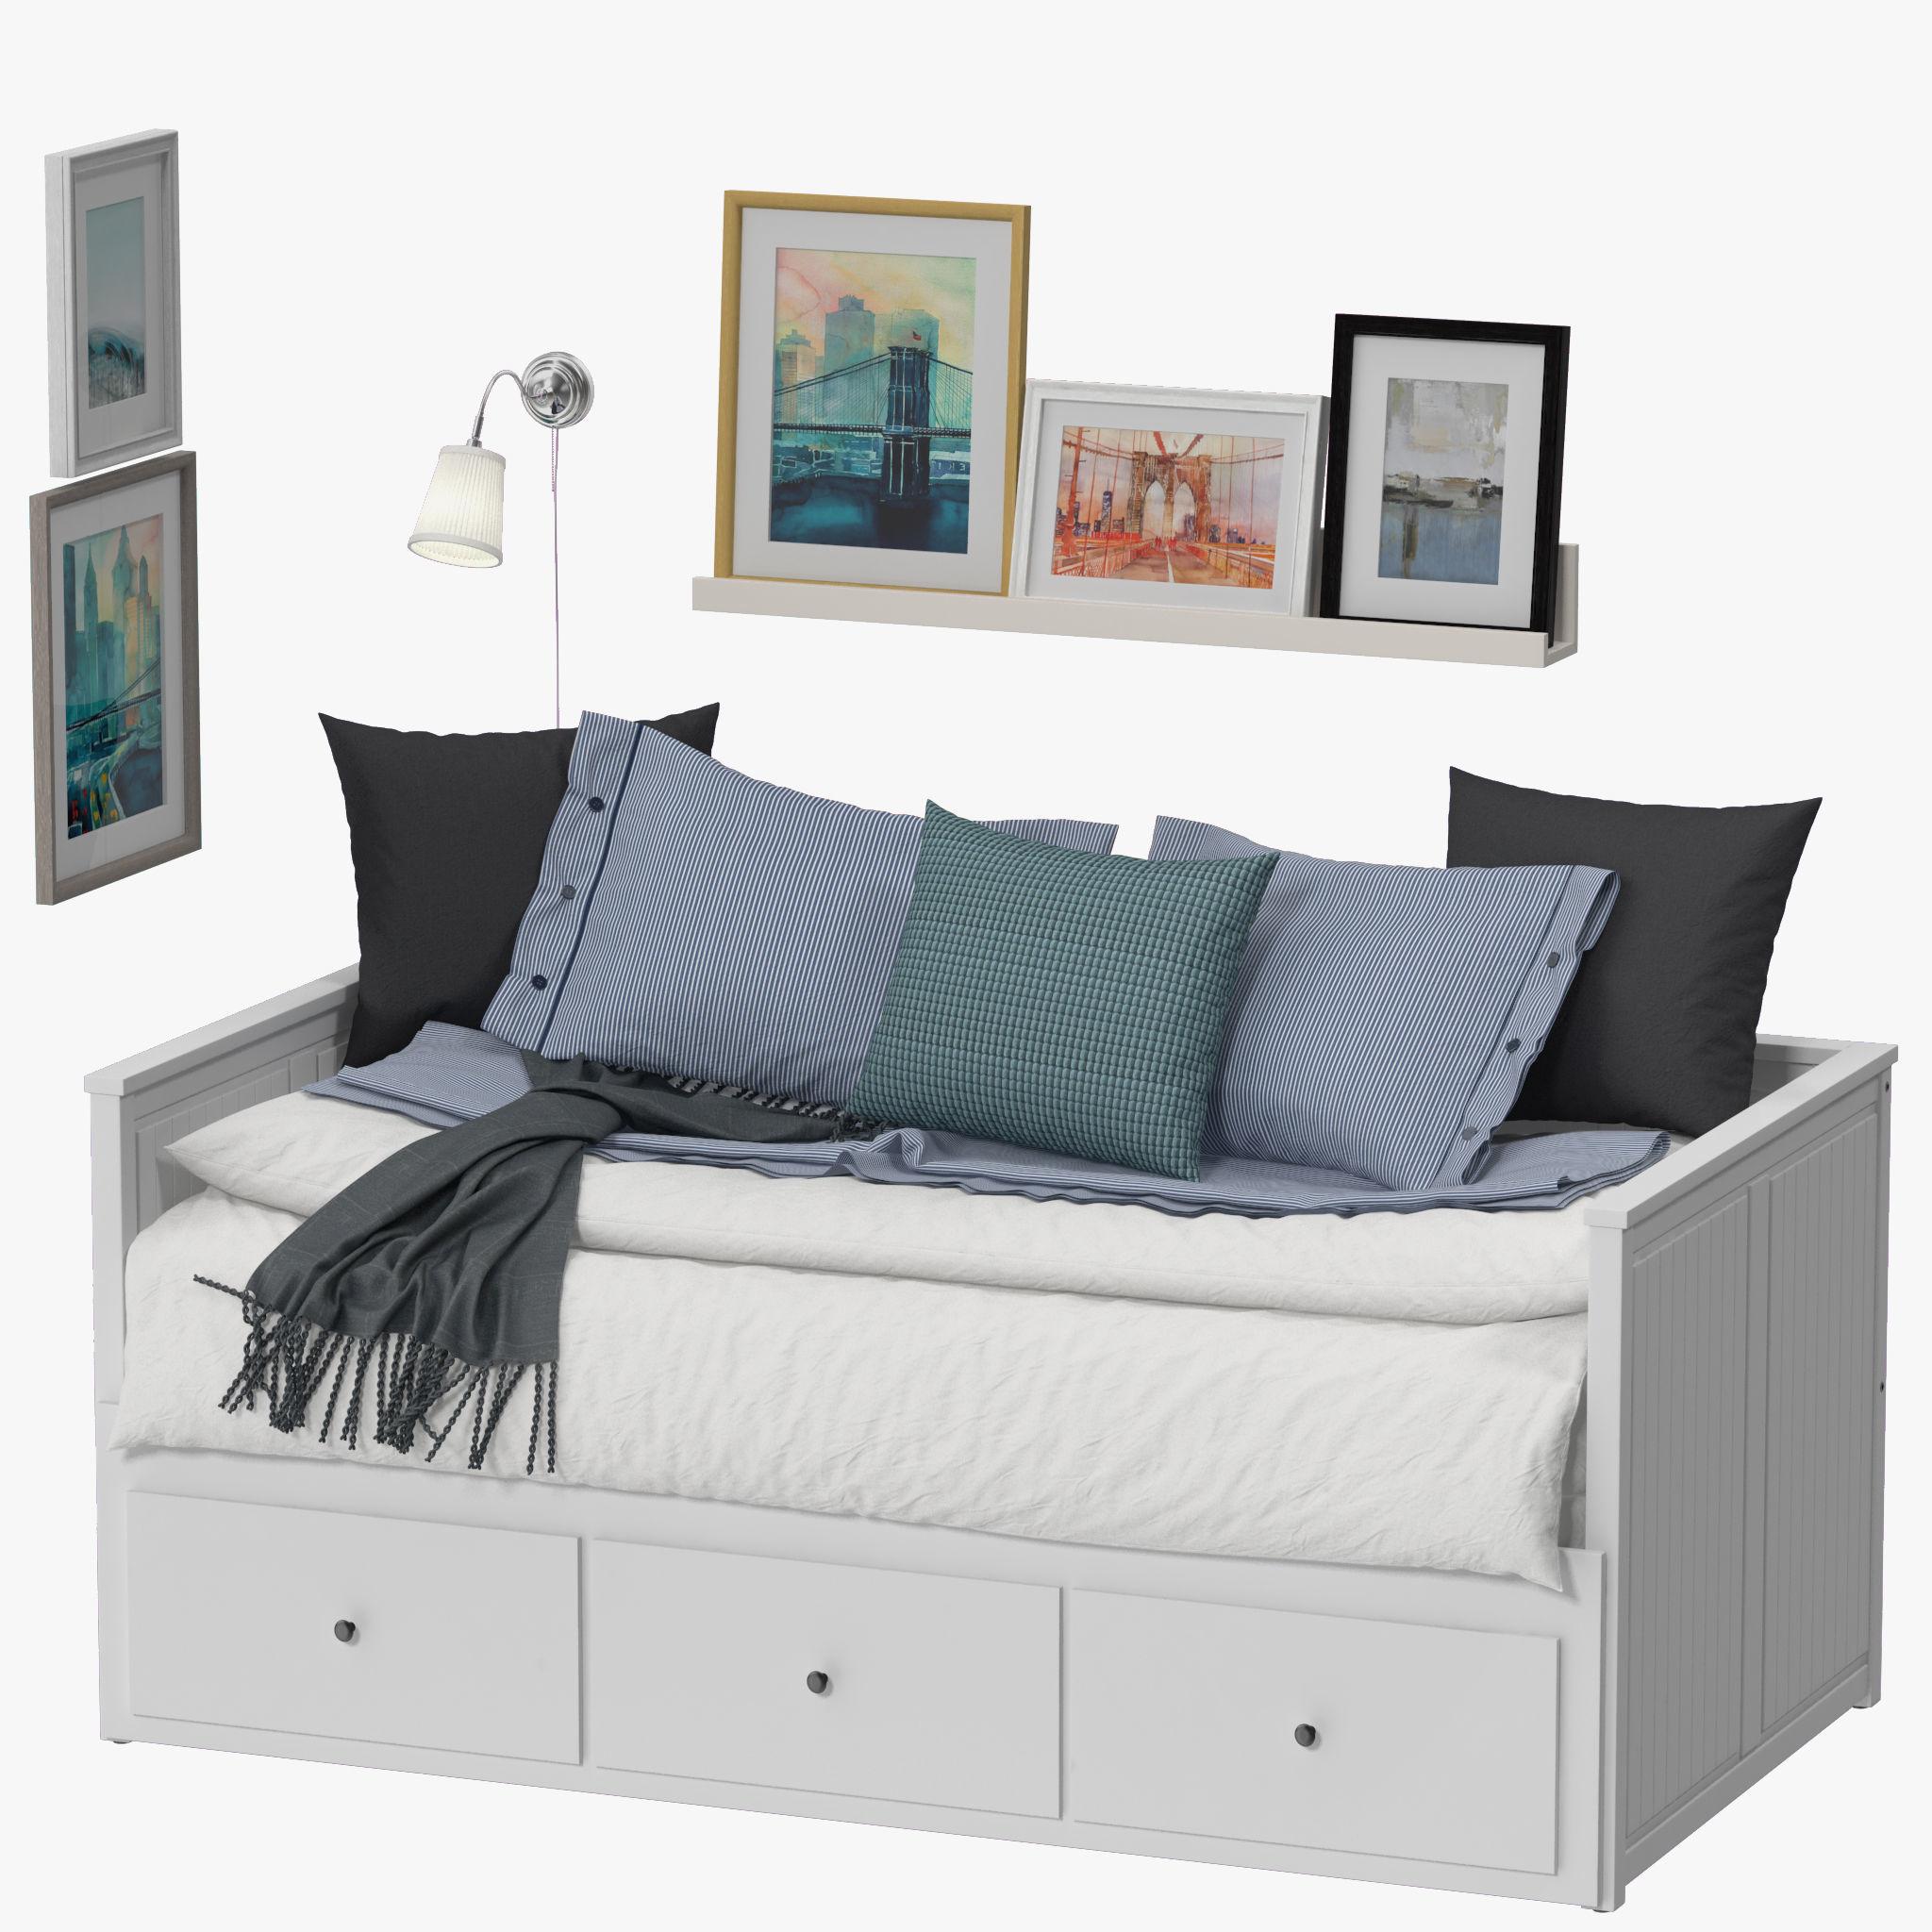 Ikea Hemnes Bedbank.3d Model Ikea Hemnes Bed Cgtrader